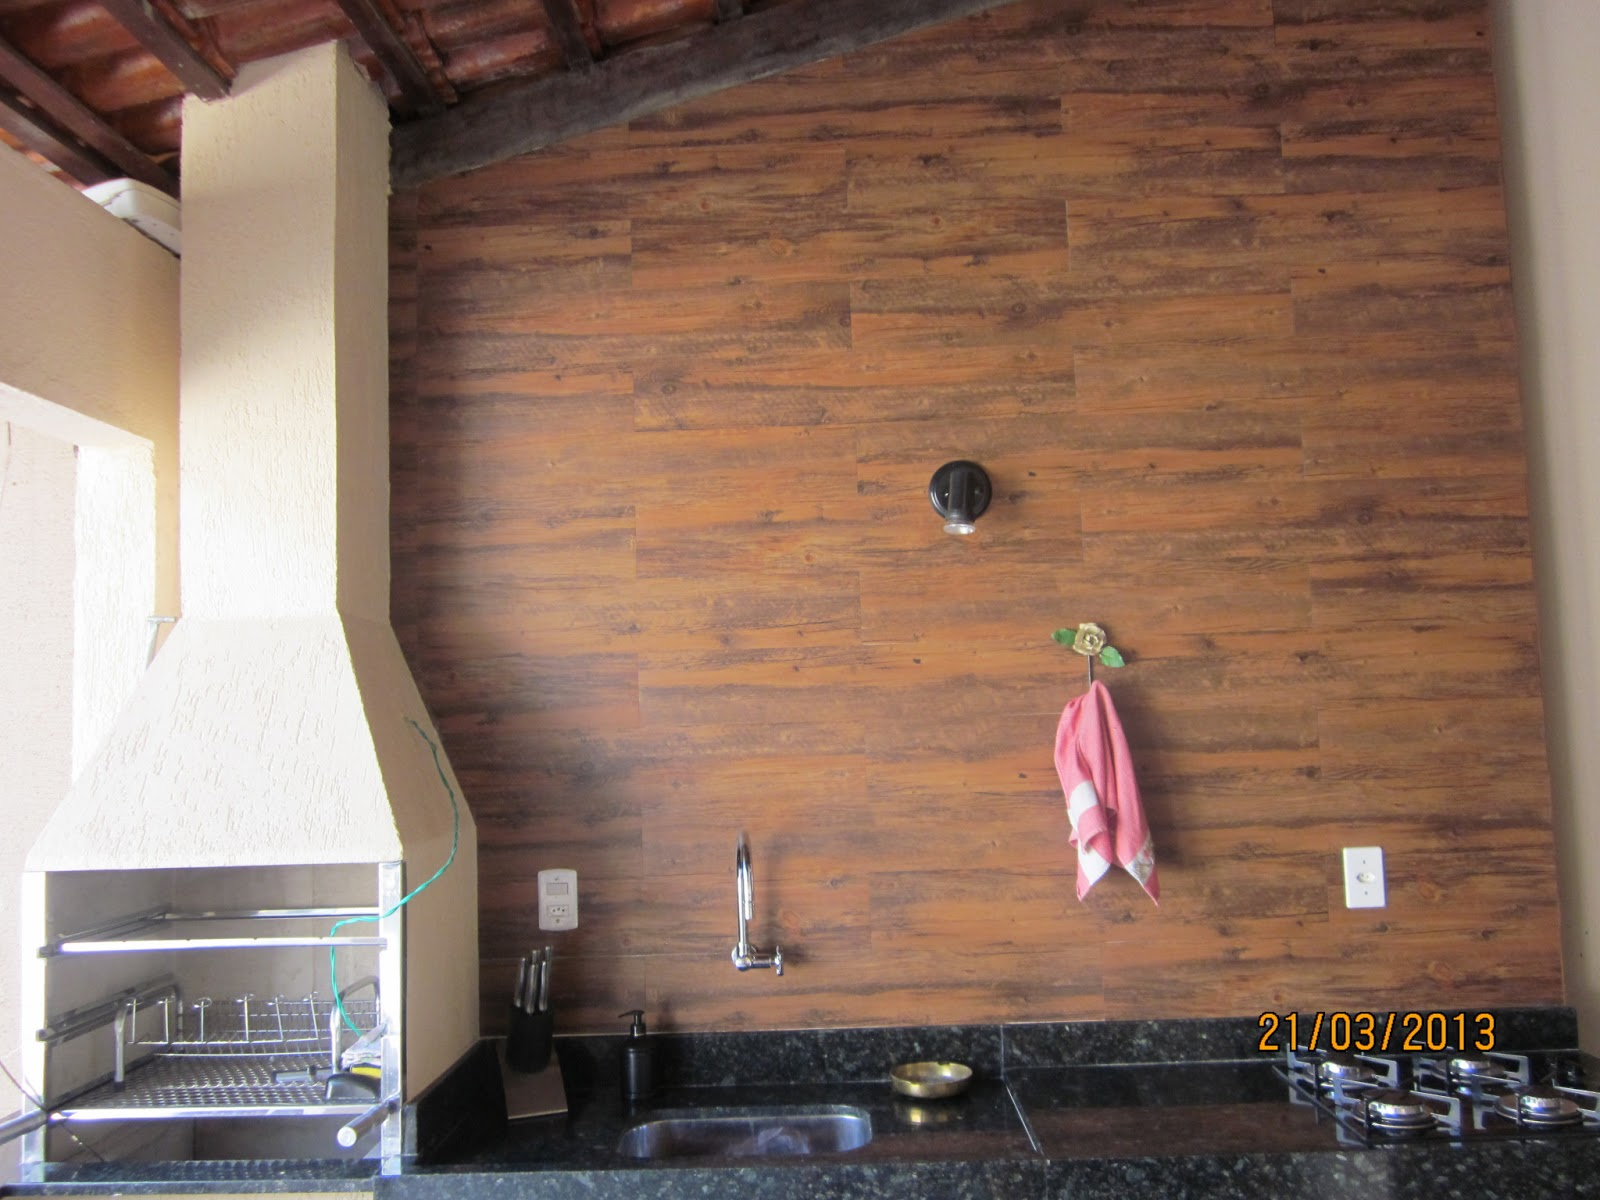 Papel de Parede: Piso Vinilico Decorar Parede Decoração de Paredes #8E5F3D 1600x1200 Acessorios Banheiro Leroy